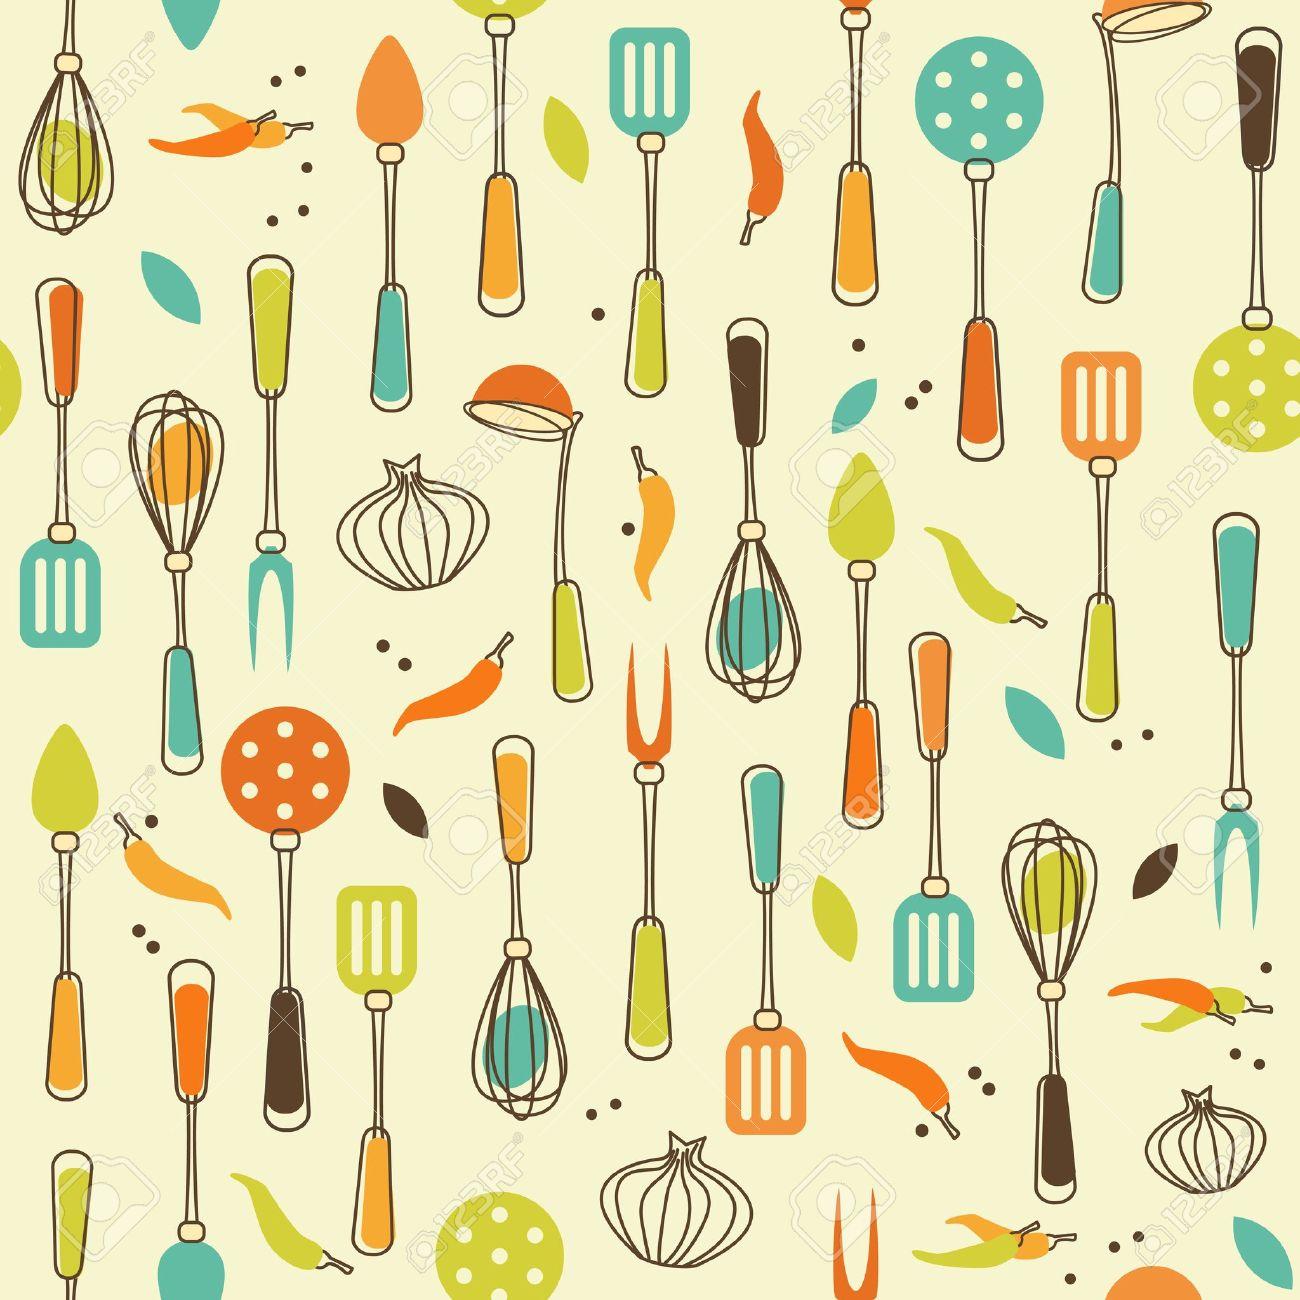 Seamless Pattern Der Küchengeräte Im Retro-Stil Lizenzfrei Nutzbare ...